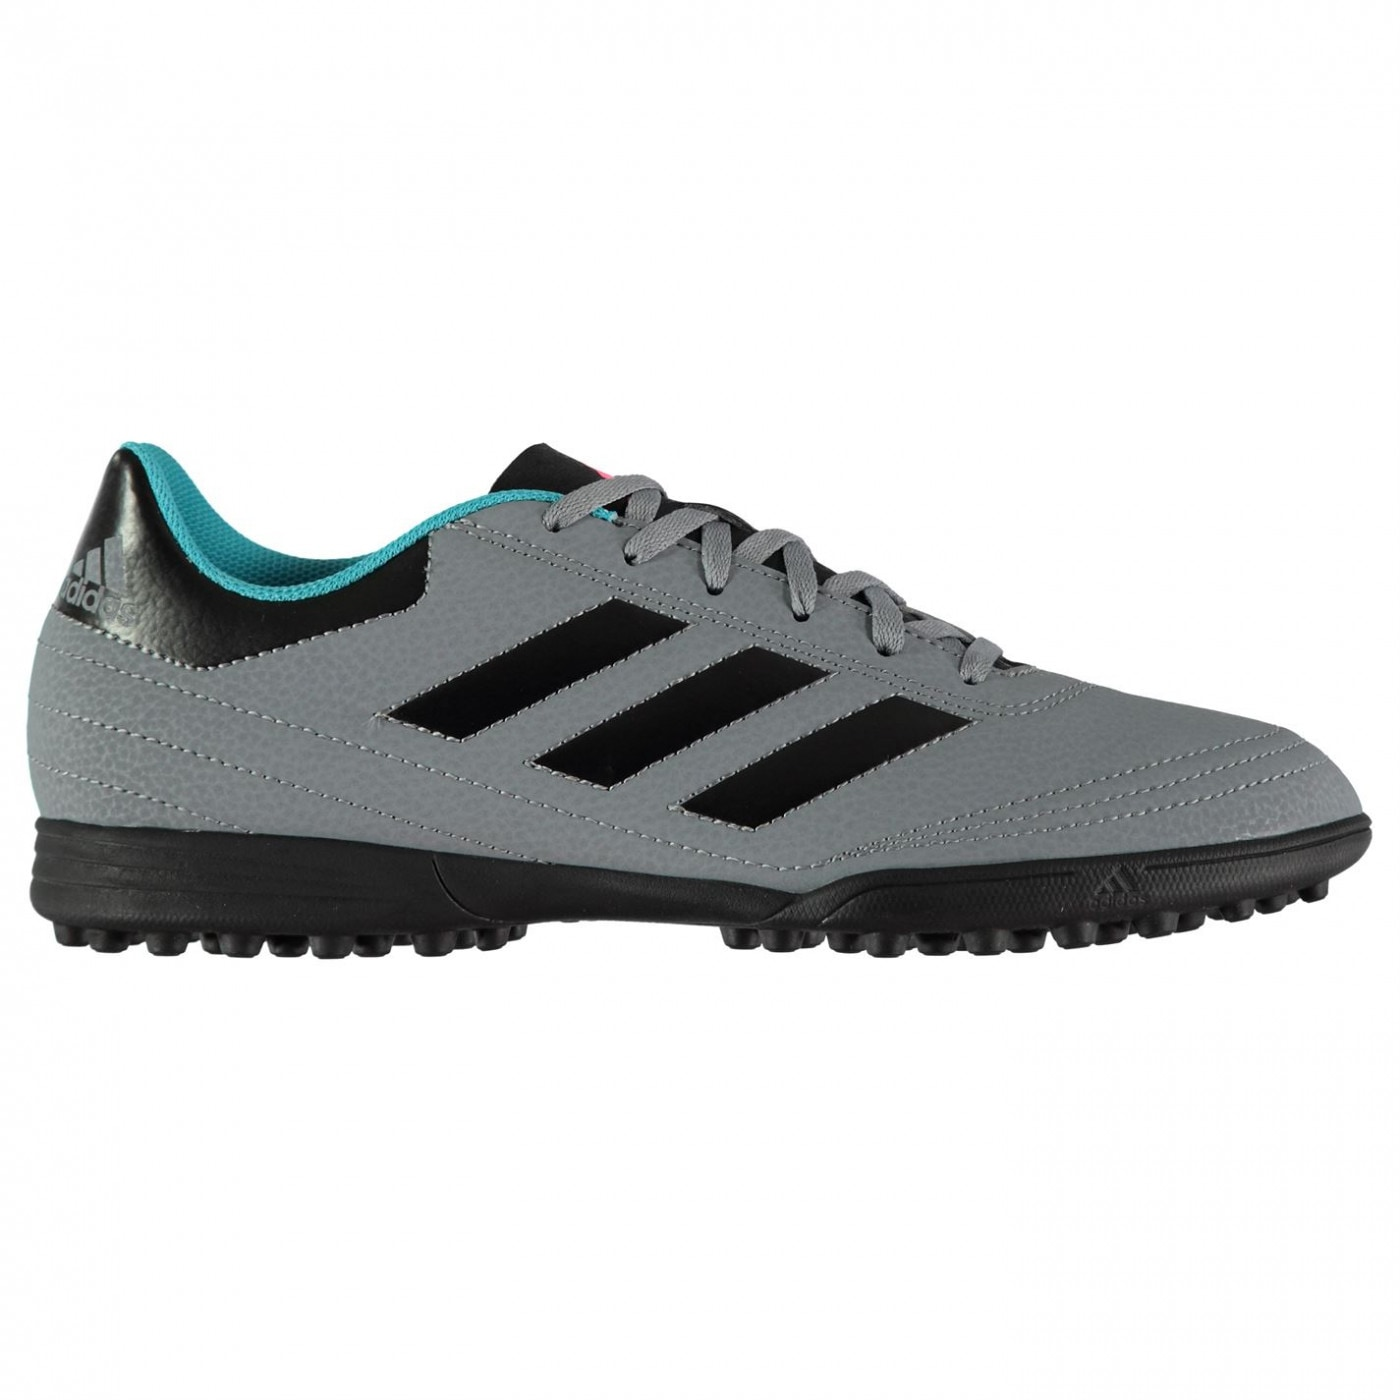 Buty do piłki nożnej adidas Goletto Mens Astro Turf Trainers